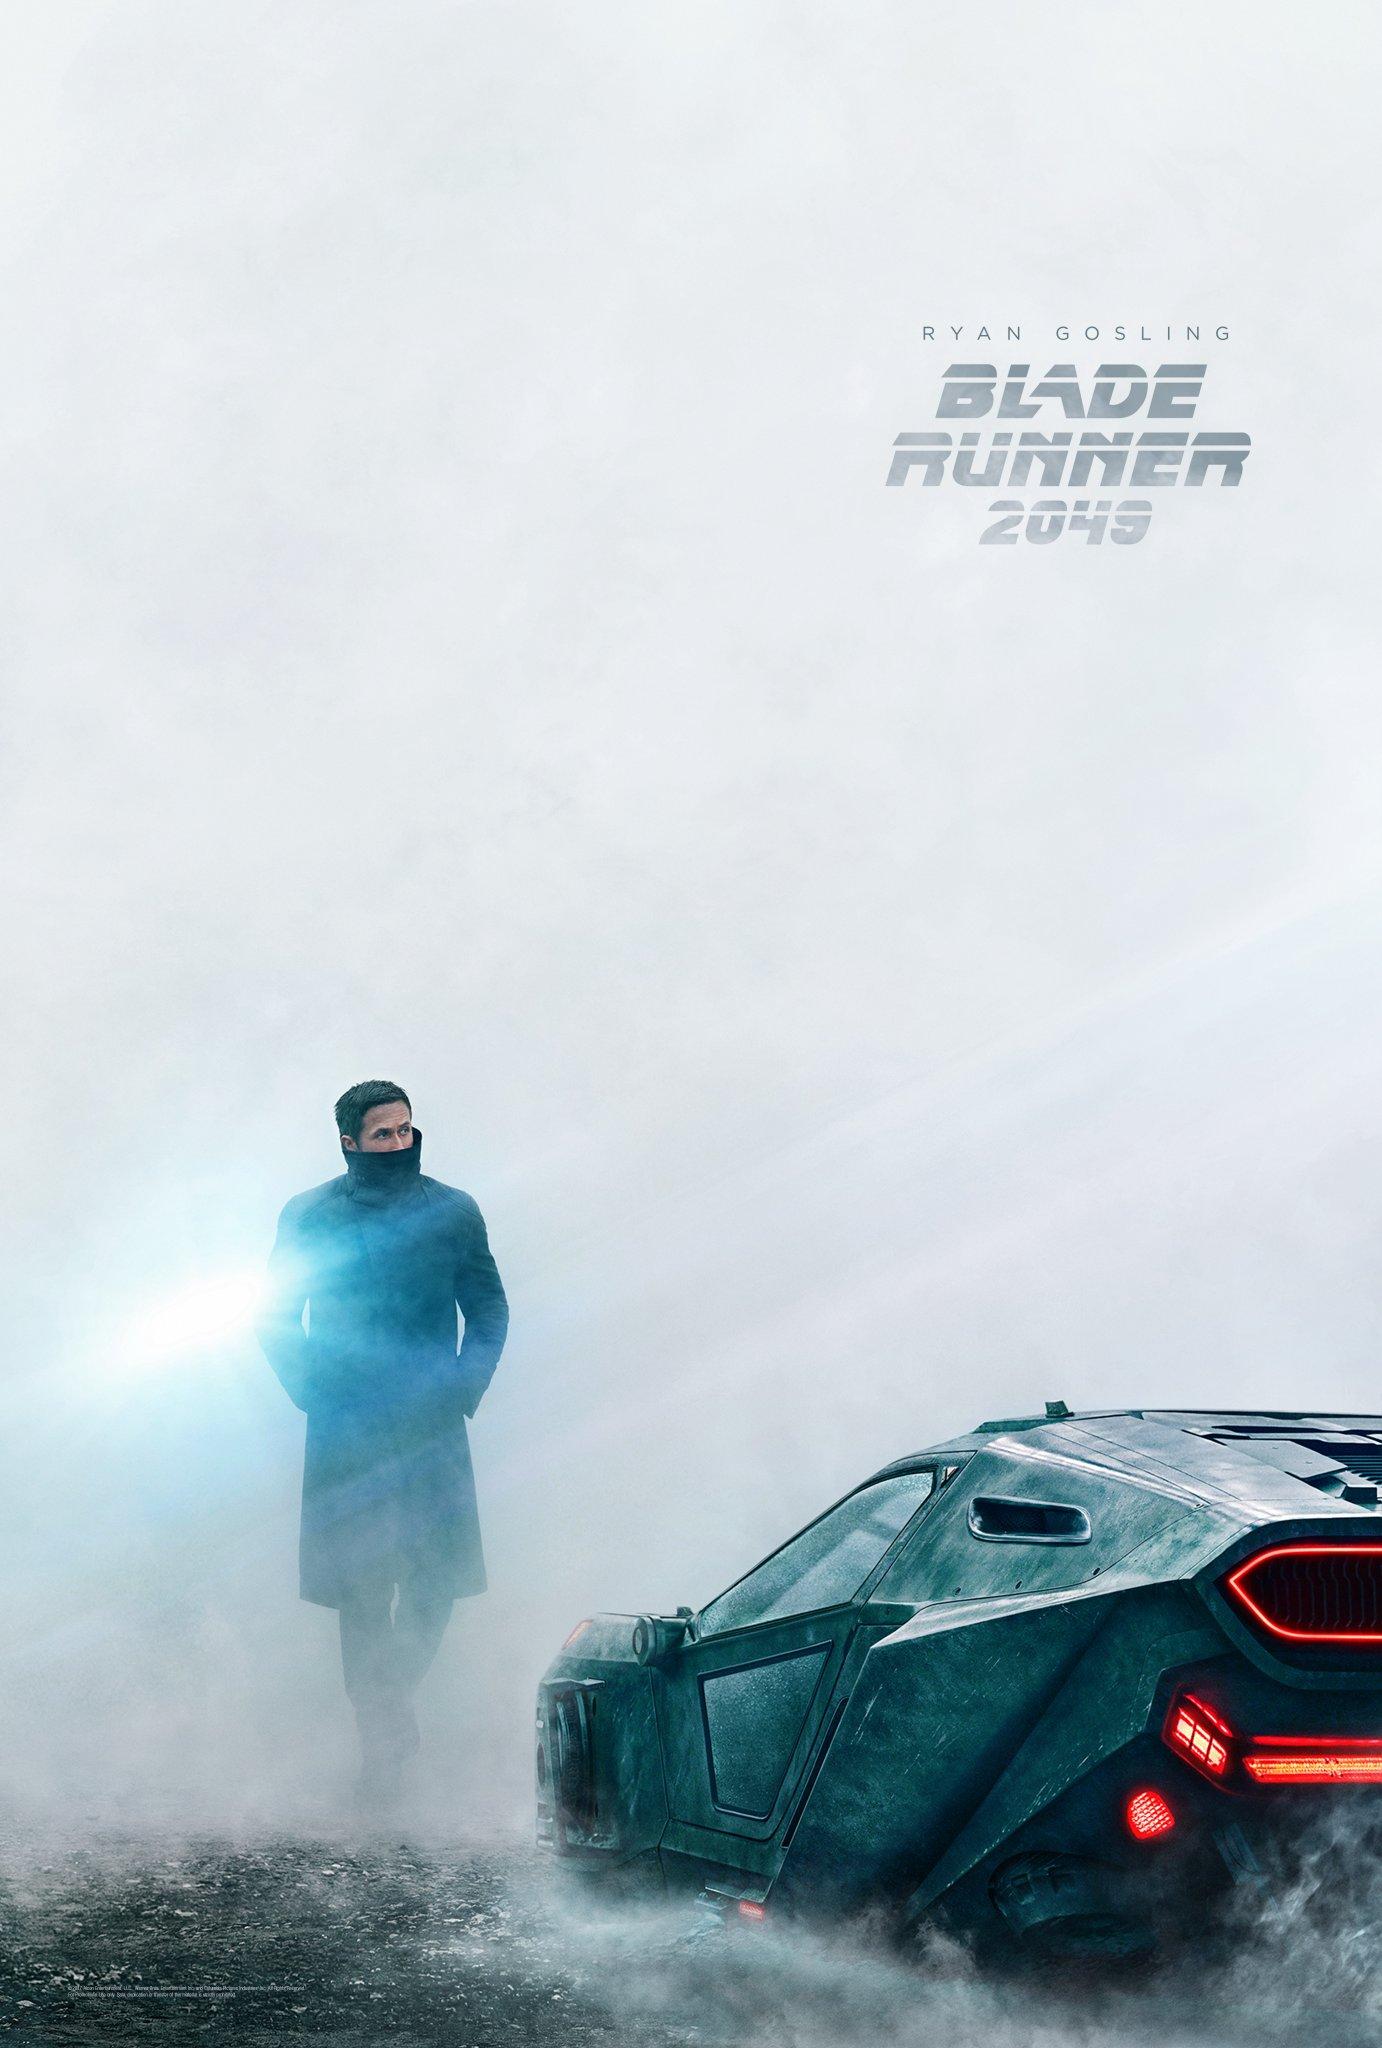 05052017_blade_runner_2049_poster_1